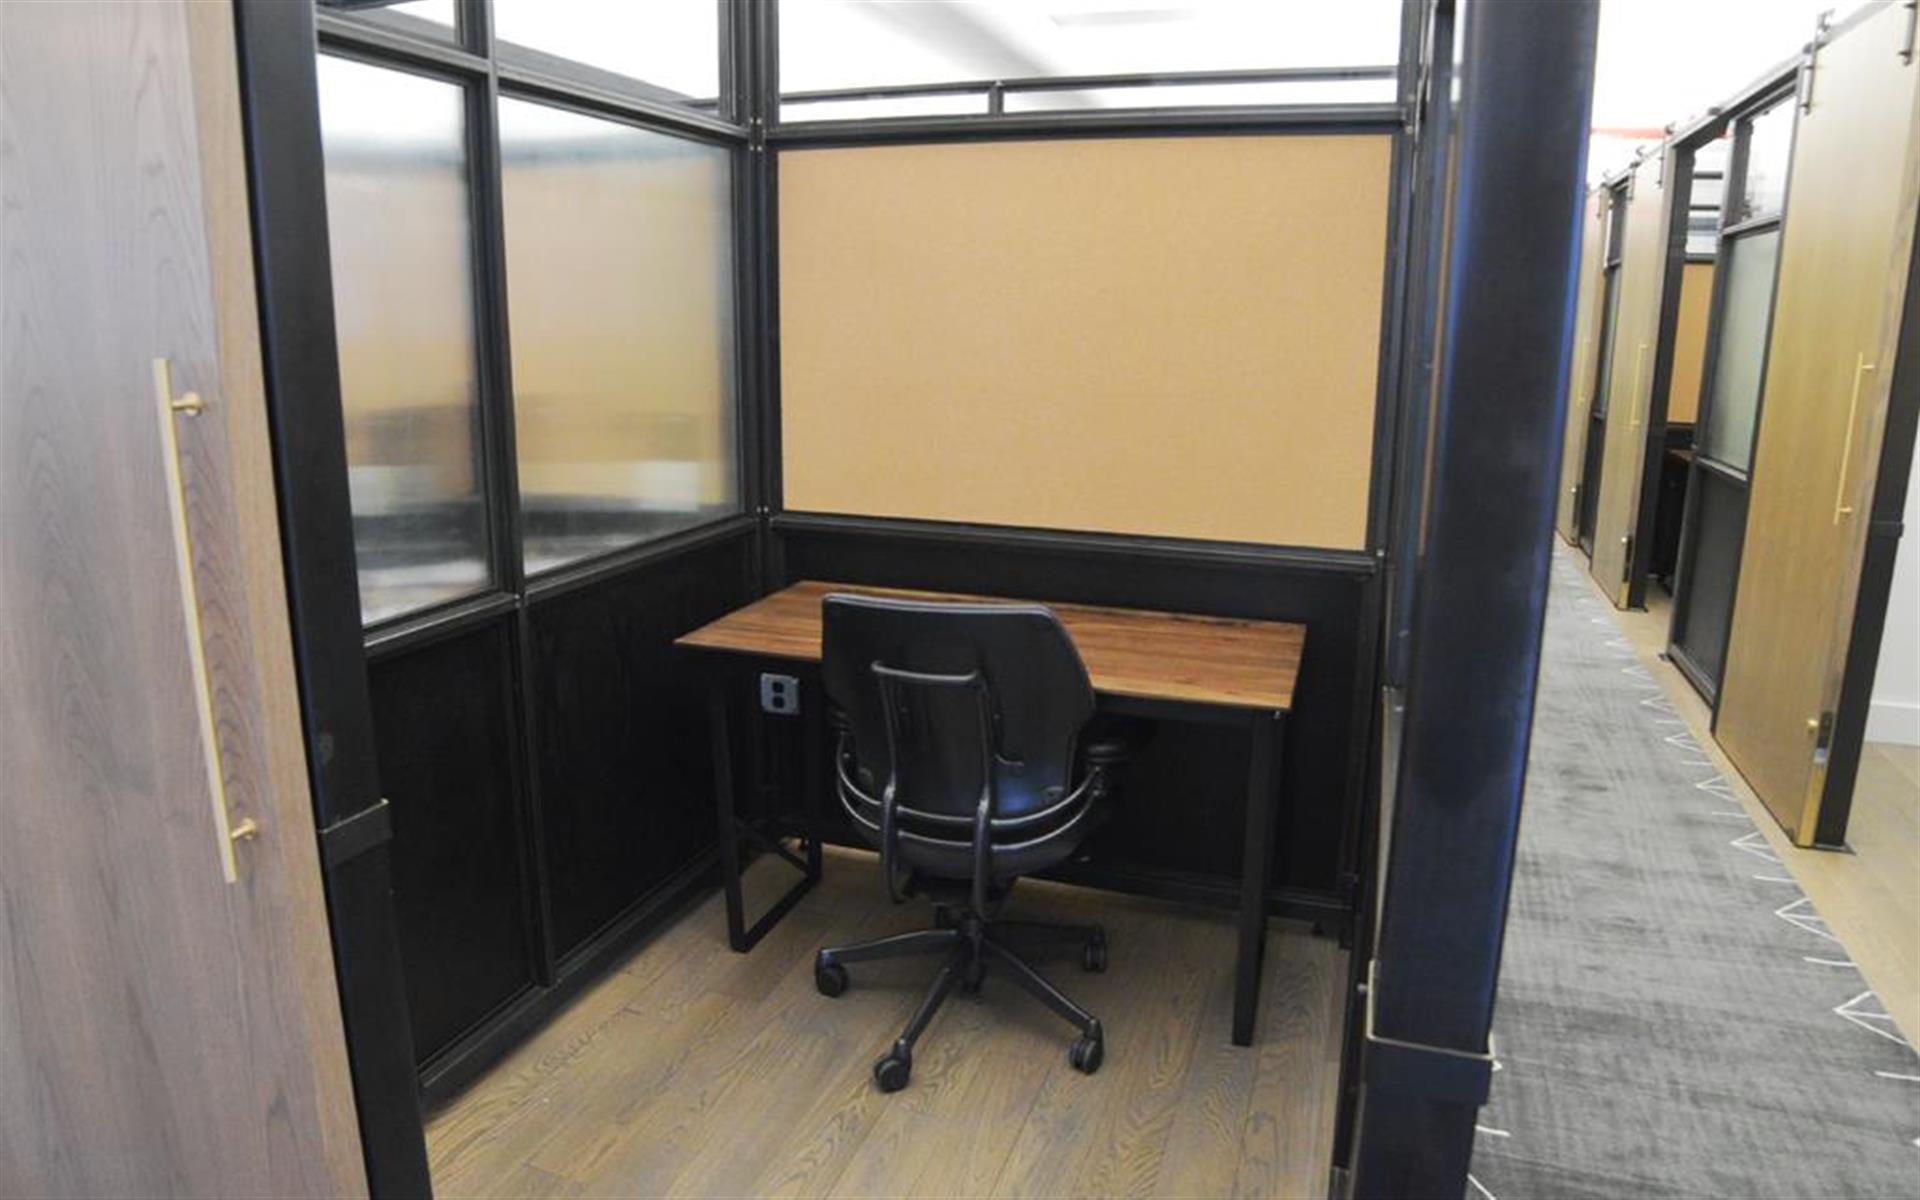 BLENDER WORKSPACE - 1 Private Office Desk